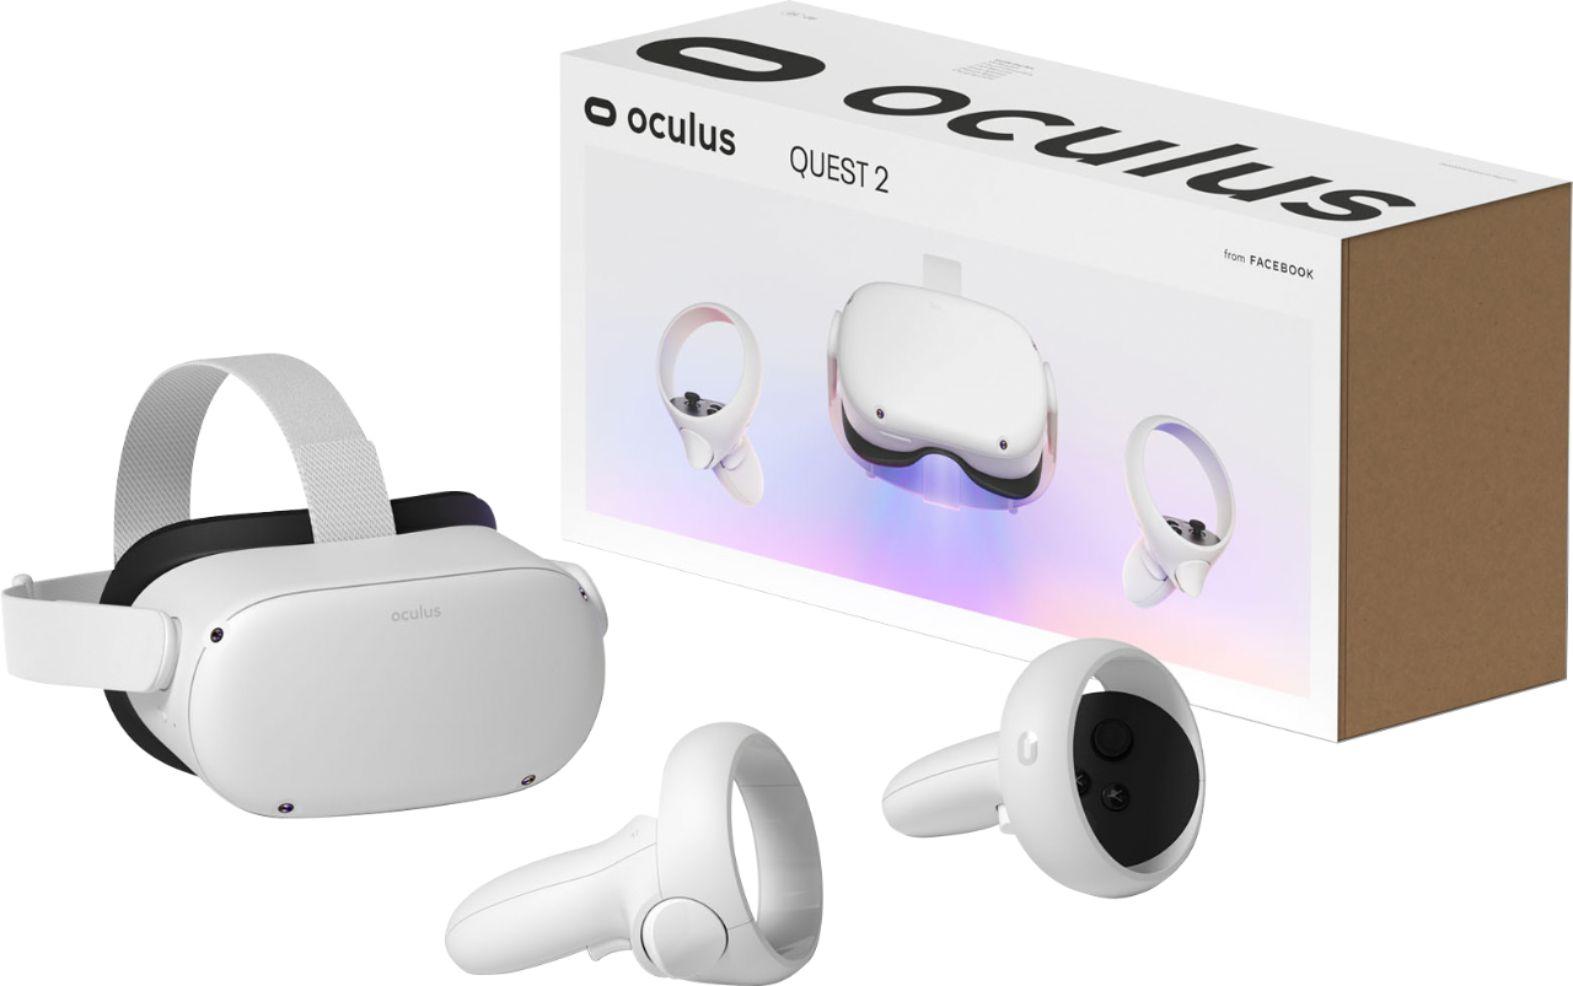 משקפי מציאות מדומה Oculus Quest 2 256G + מתאם ישראלי ואחריות יבואן בפריסה ארצית